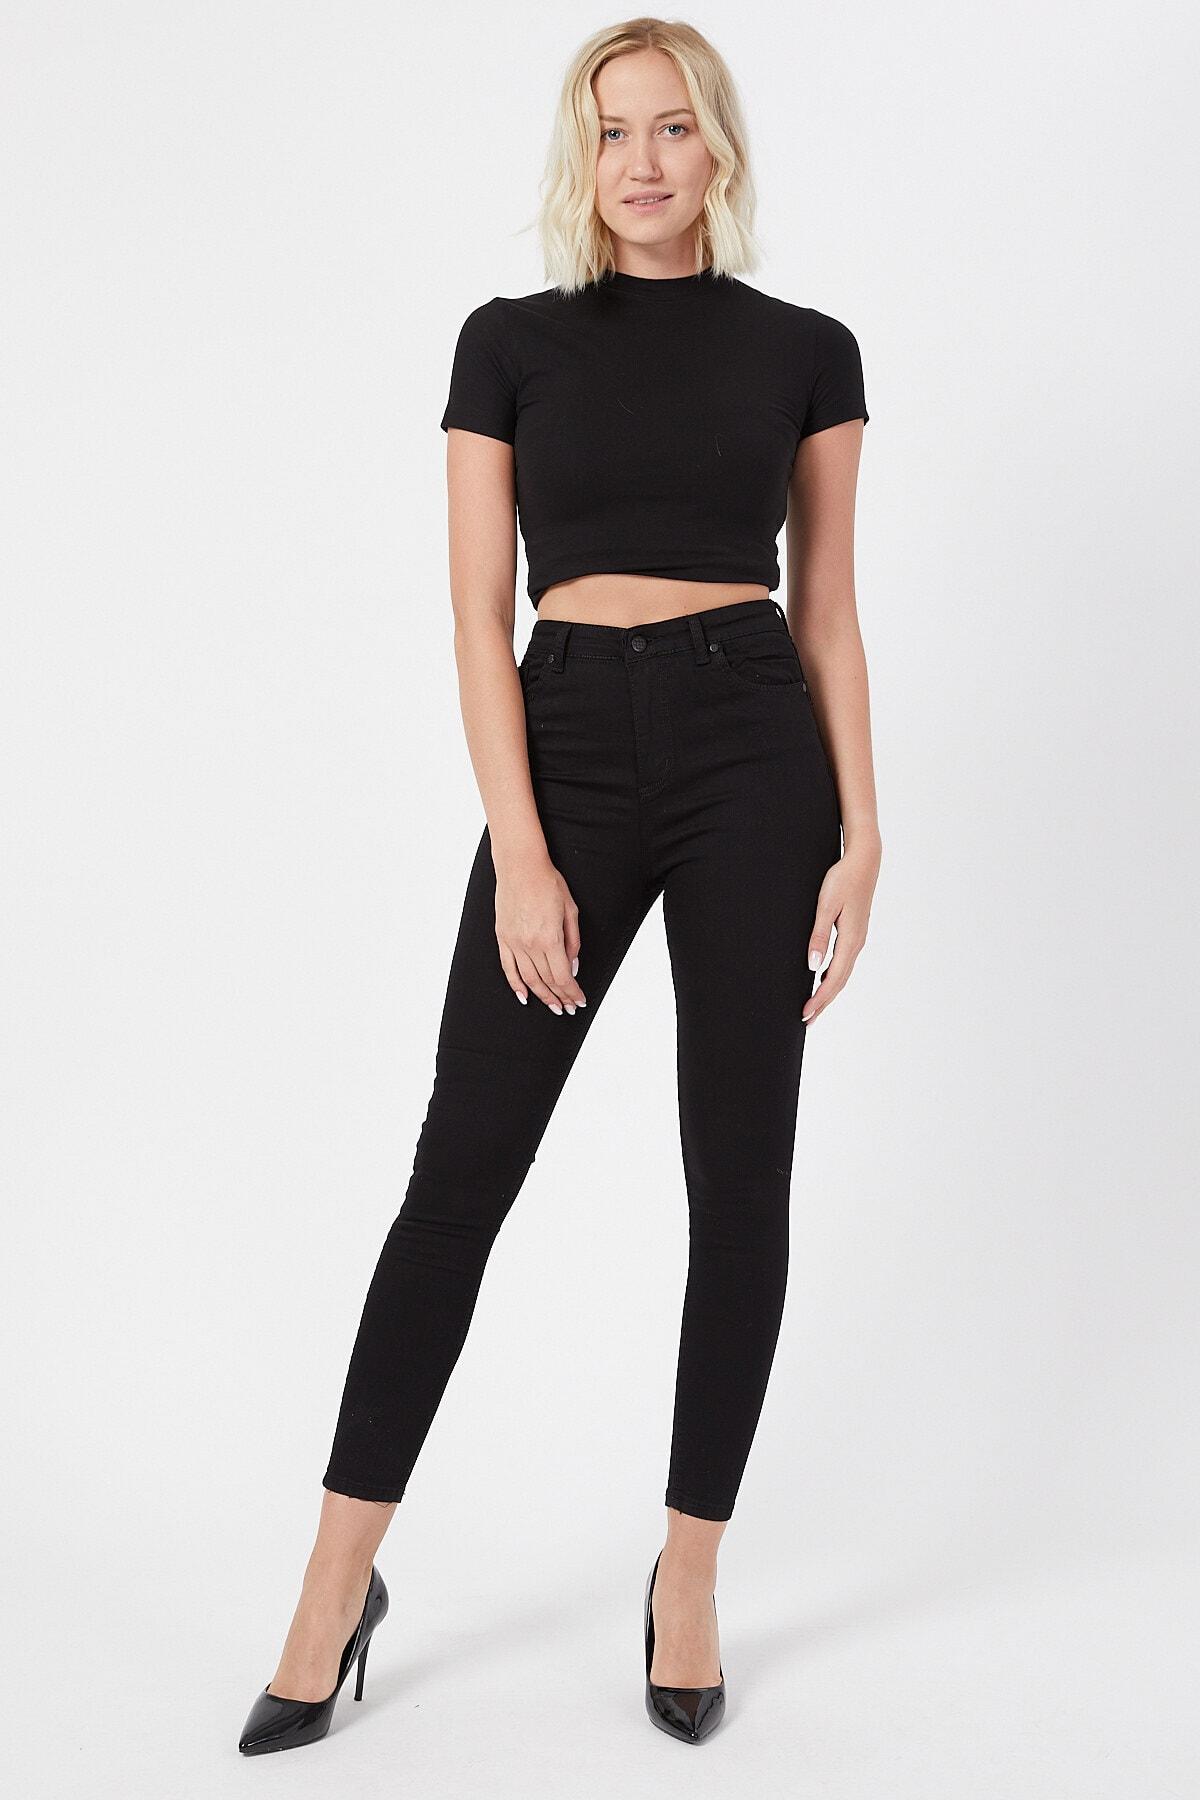 VAV Siyah Kot Pantolon Dar Paça Yüksek Bel - Simsiyah Skinny Jeans Black Jean Solmayan Siyah